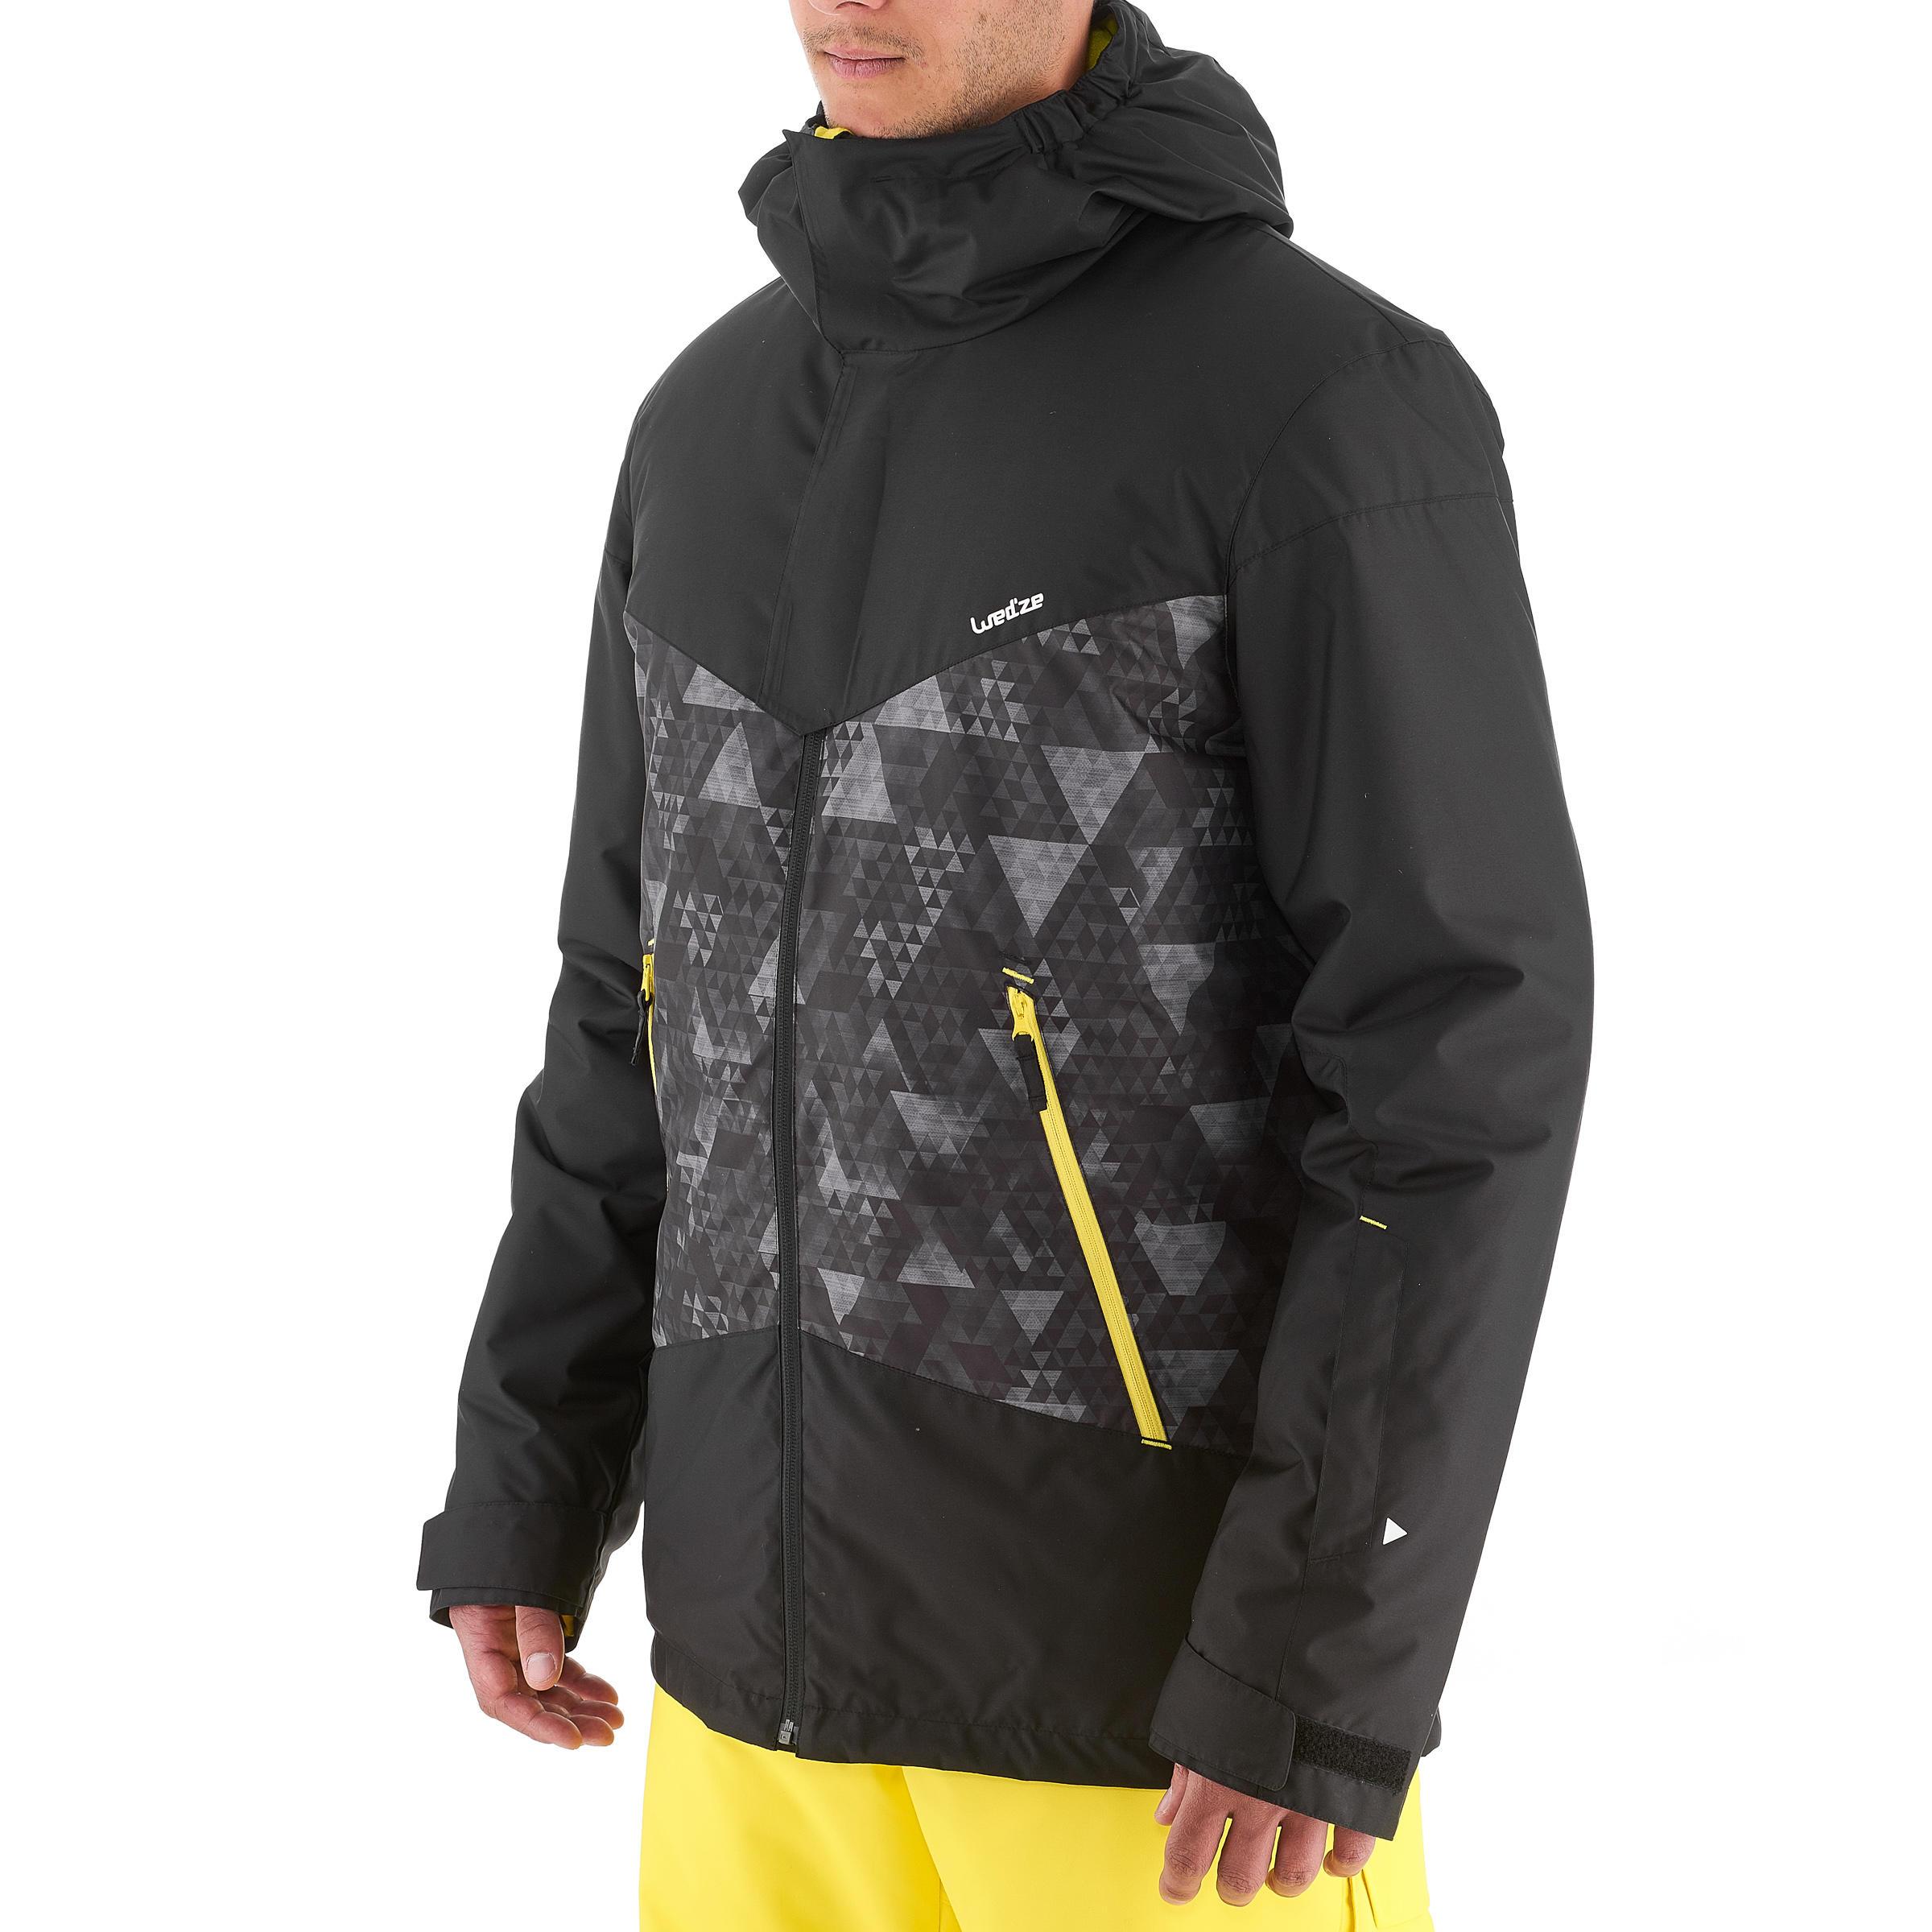 7fd47c3f28a28 manteau-de-ski-de-piste-homme-ski-p-jkt-150-noir.jpg